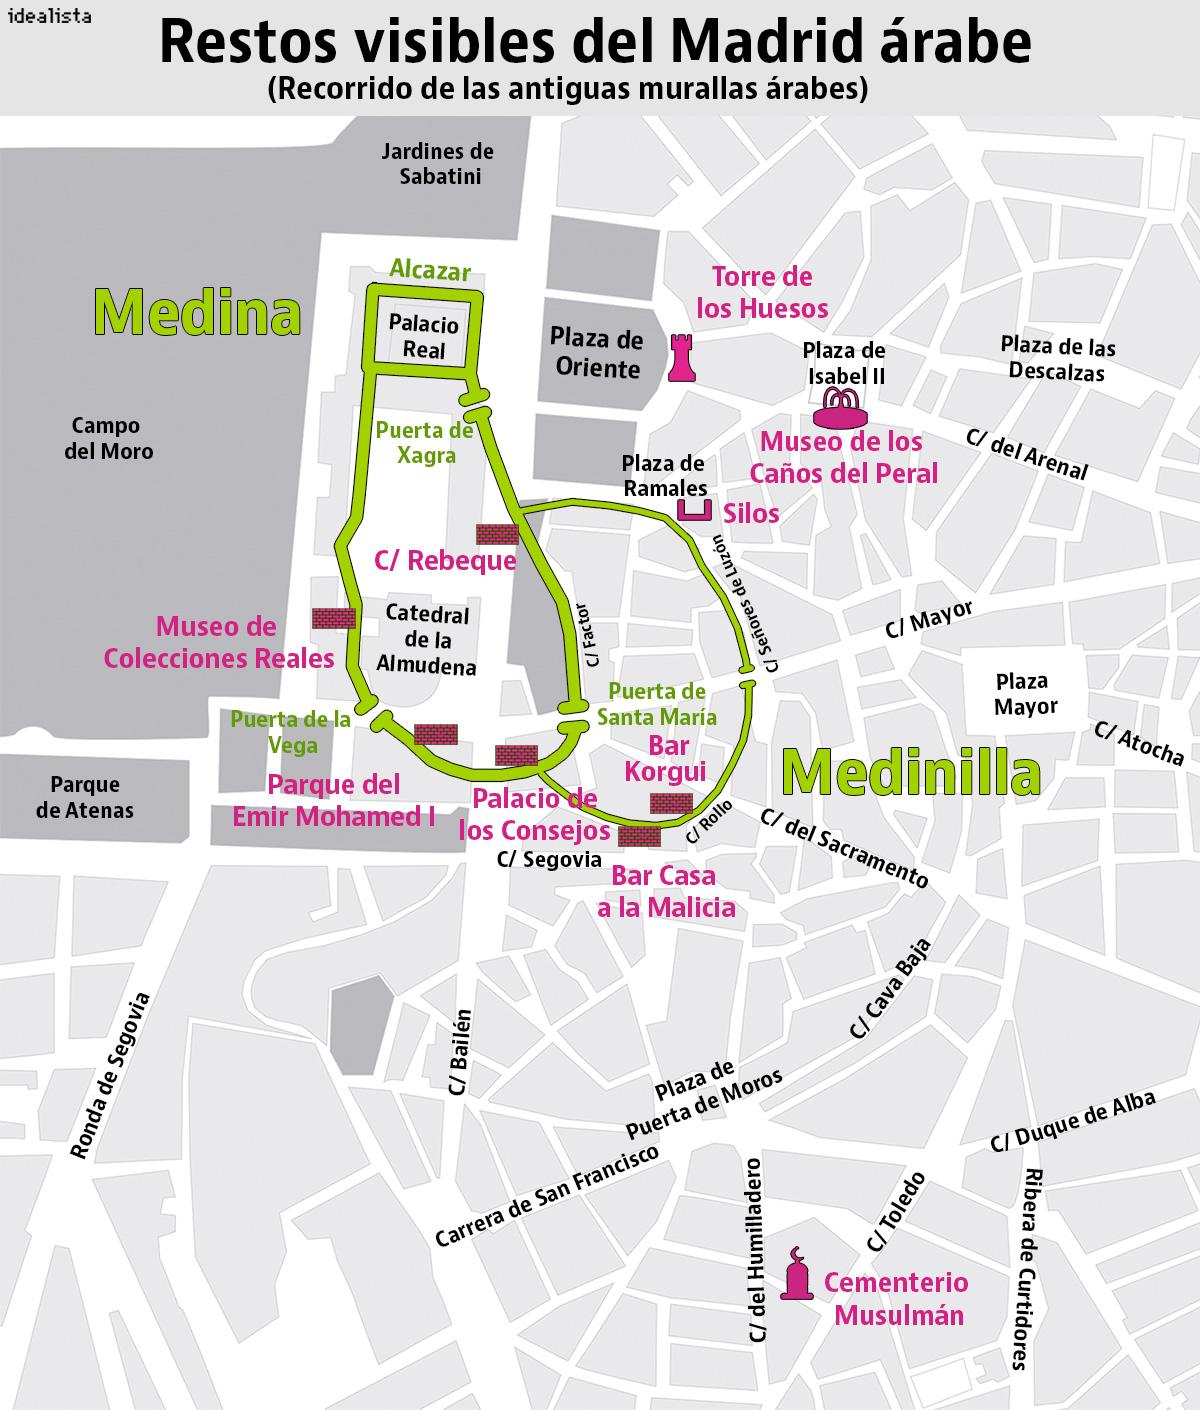 Mapa que muestra los restos visibles del Madrid árabe